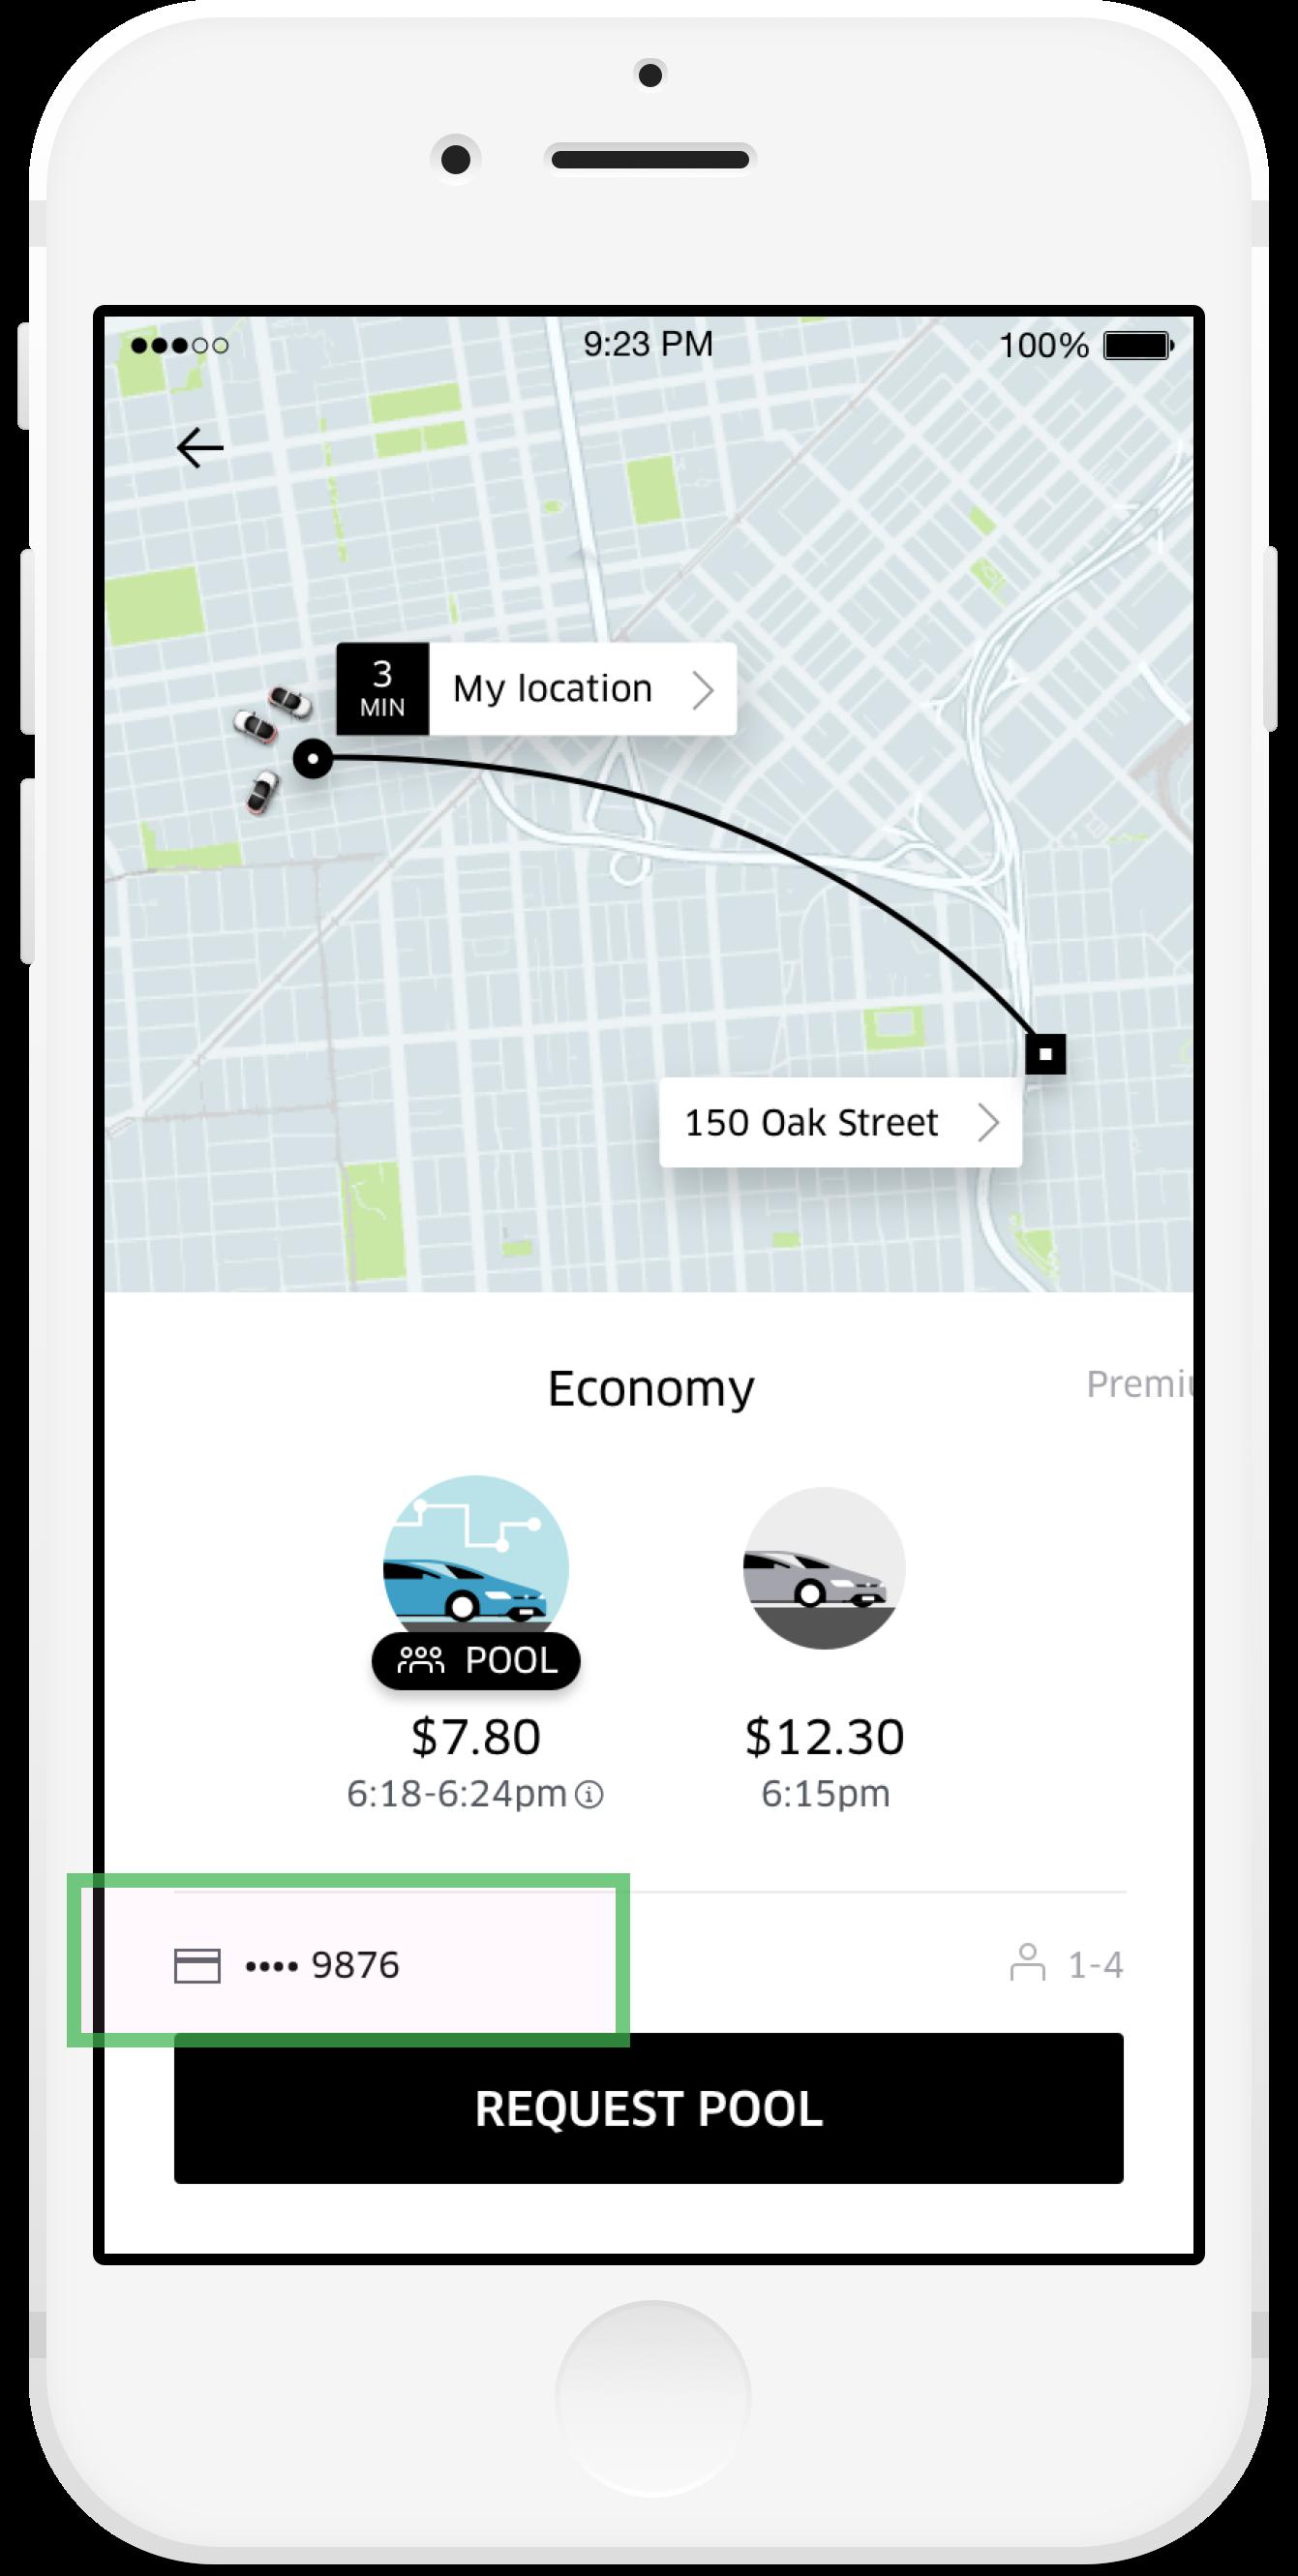 Open the Uber app